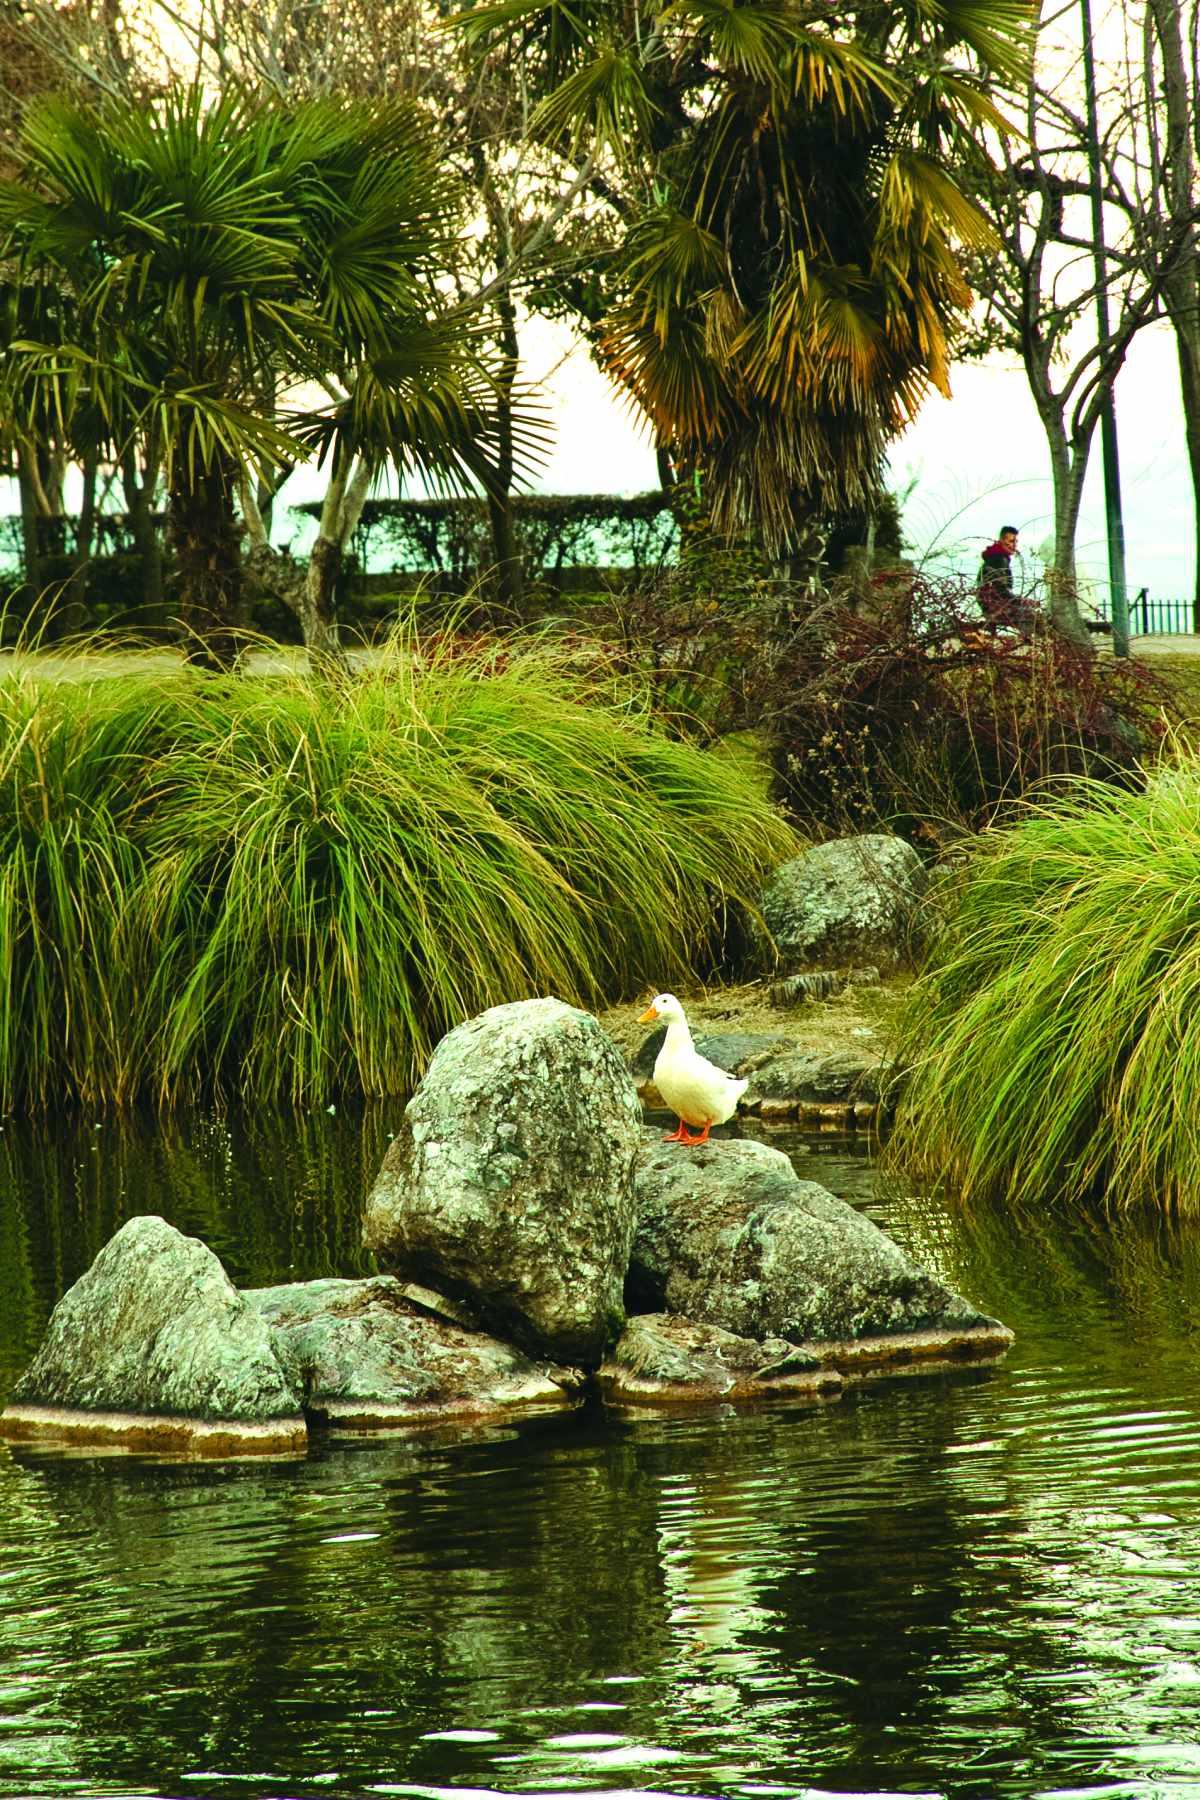 Πάπια στη λίμνη του πάρκου του Αγίου Νικολάου